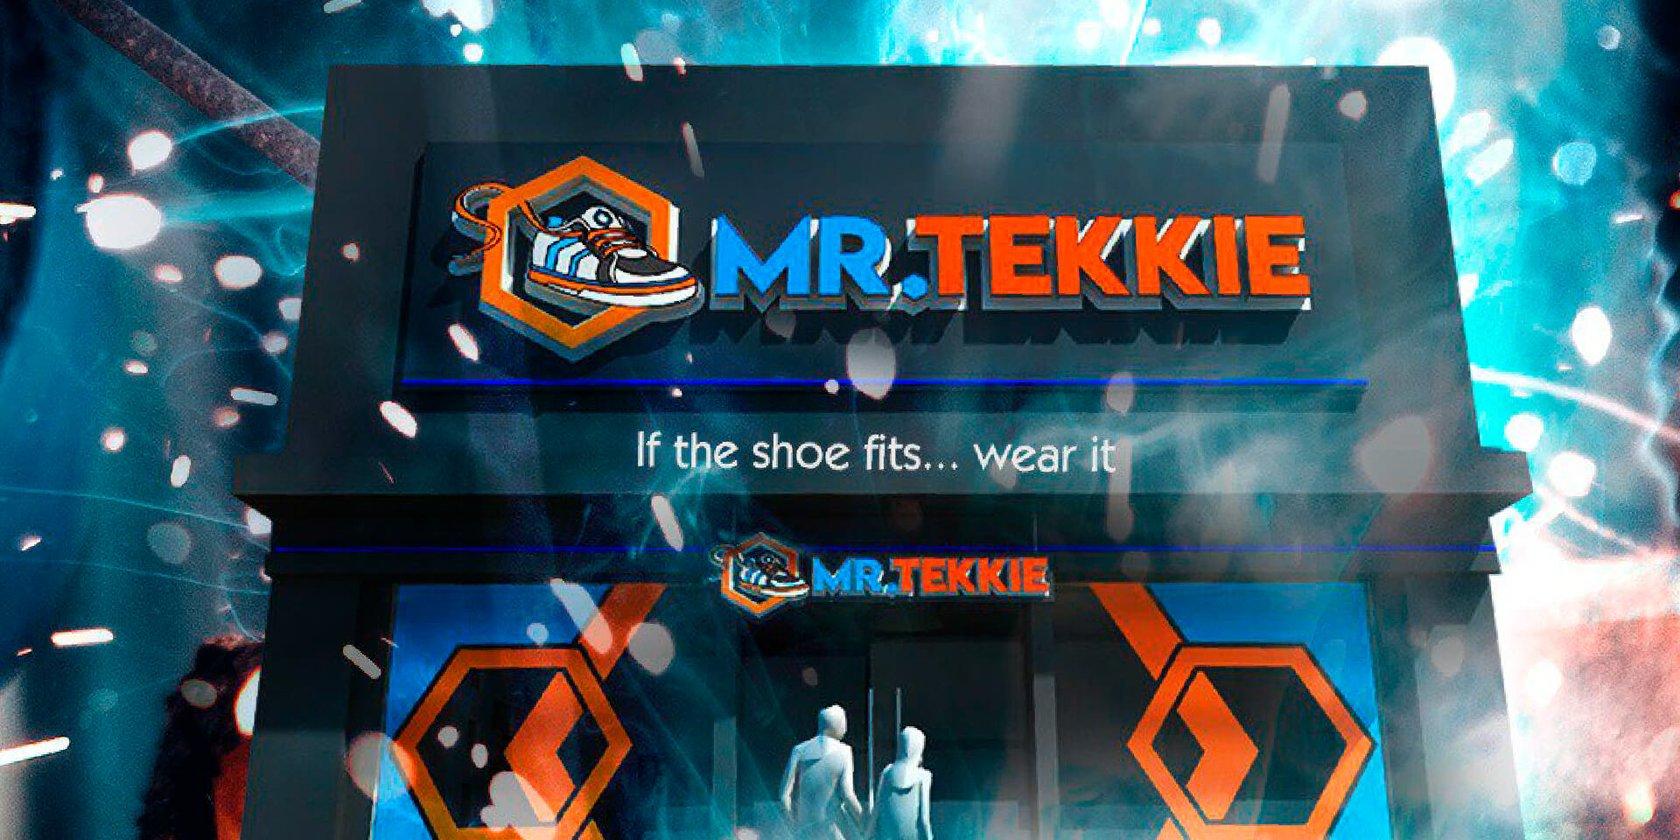 Mr. Tekkie